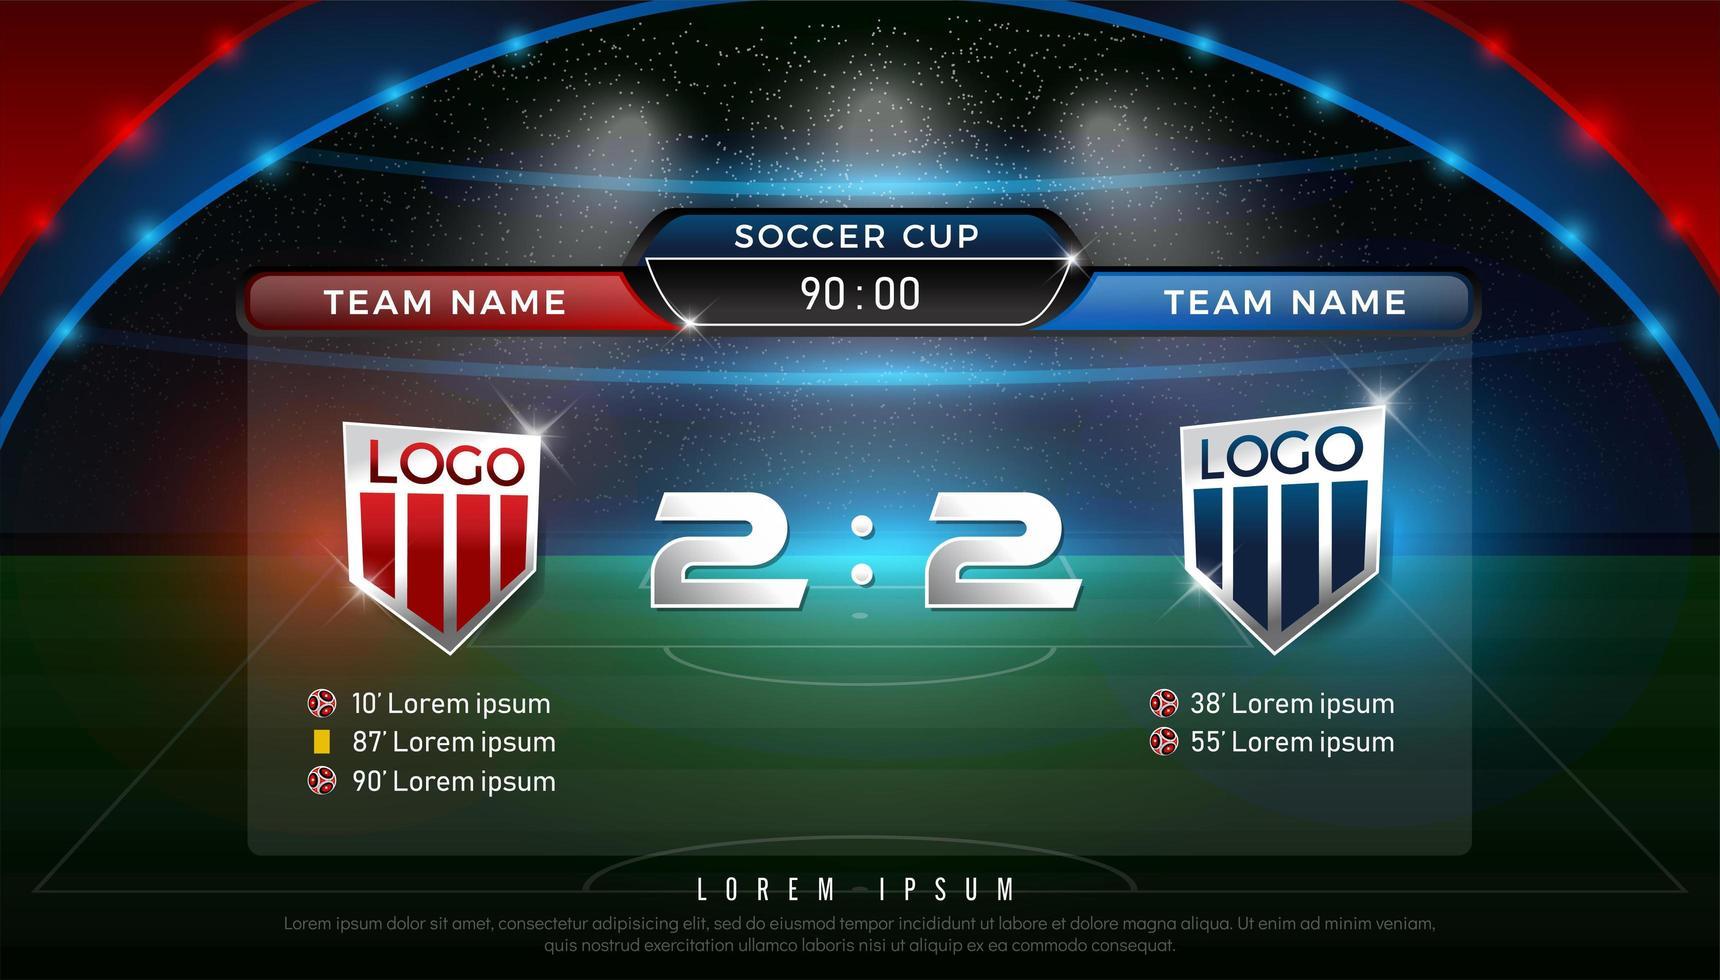 fotboll resultattavla team a vs lag b sändningsmall vektor